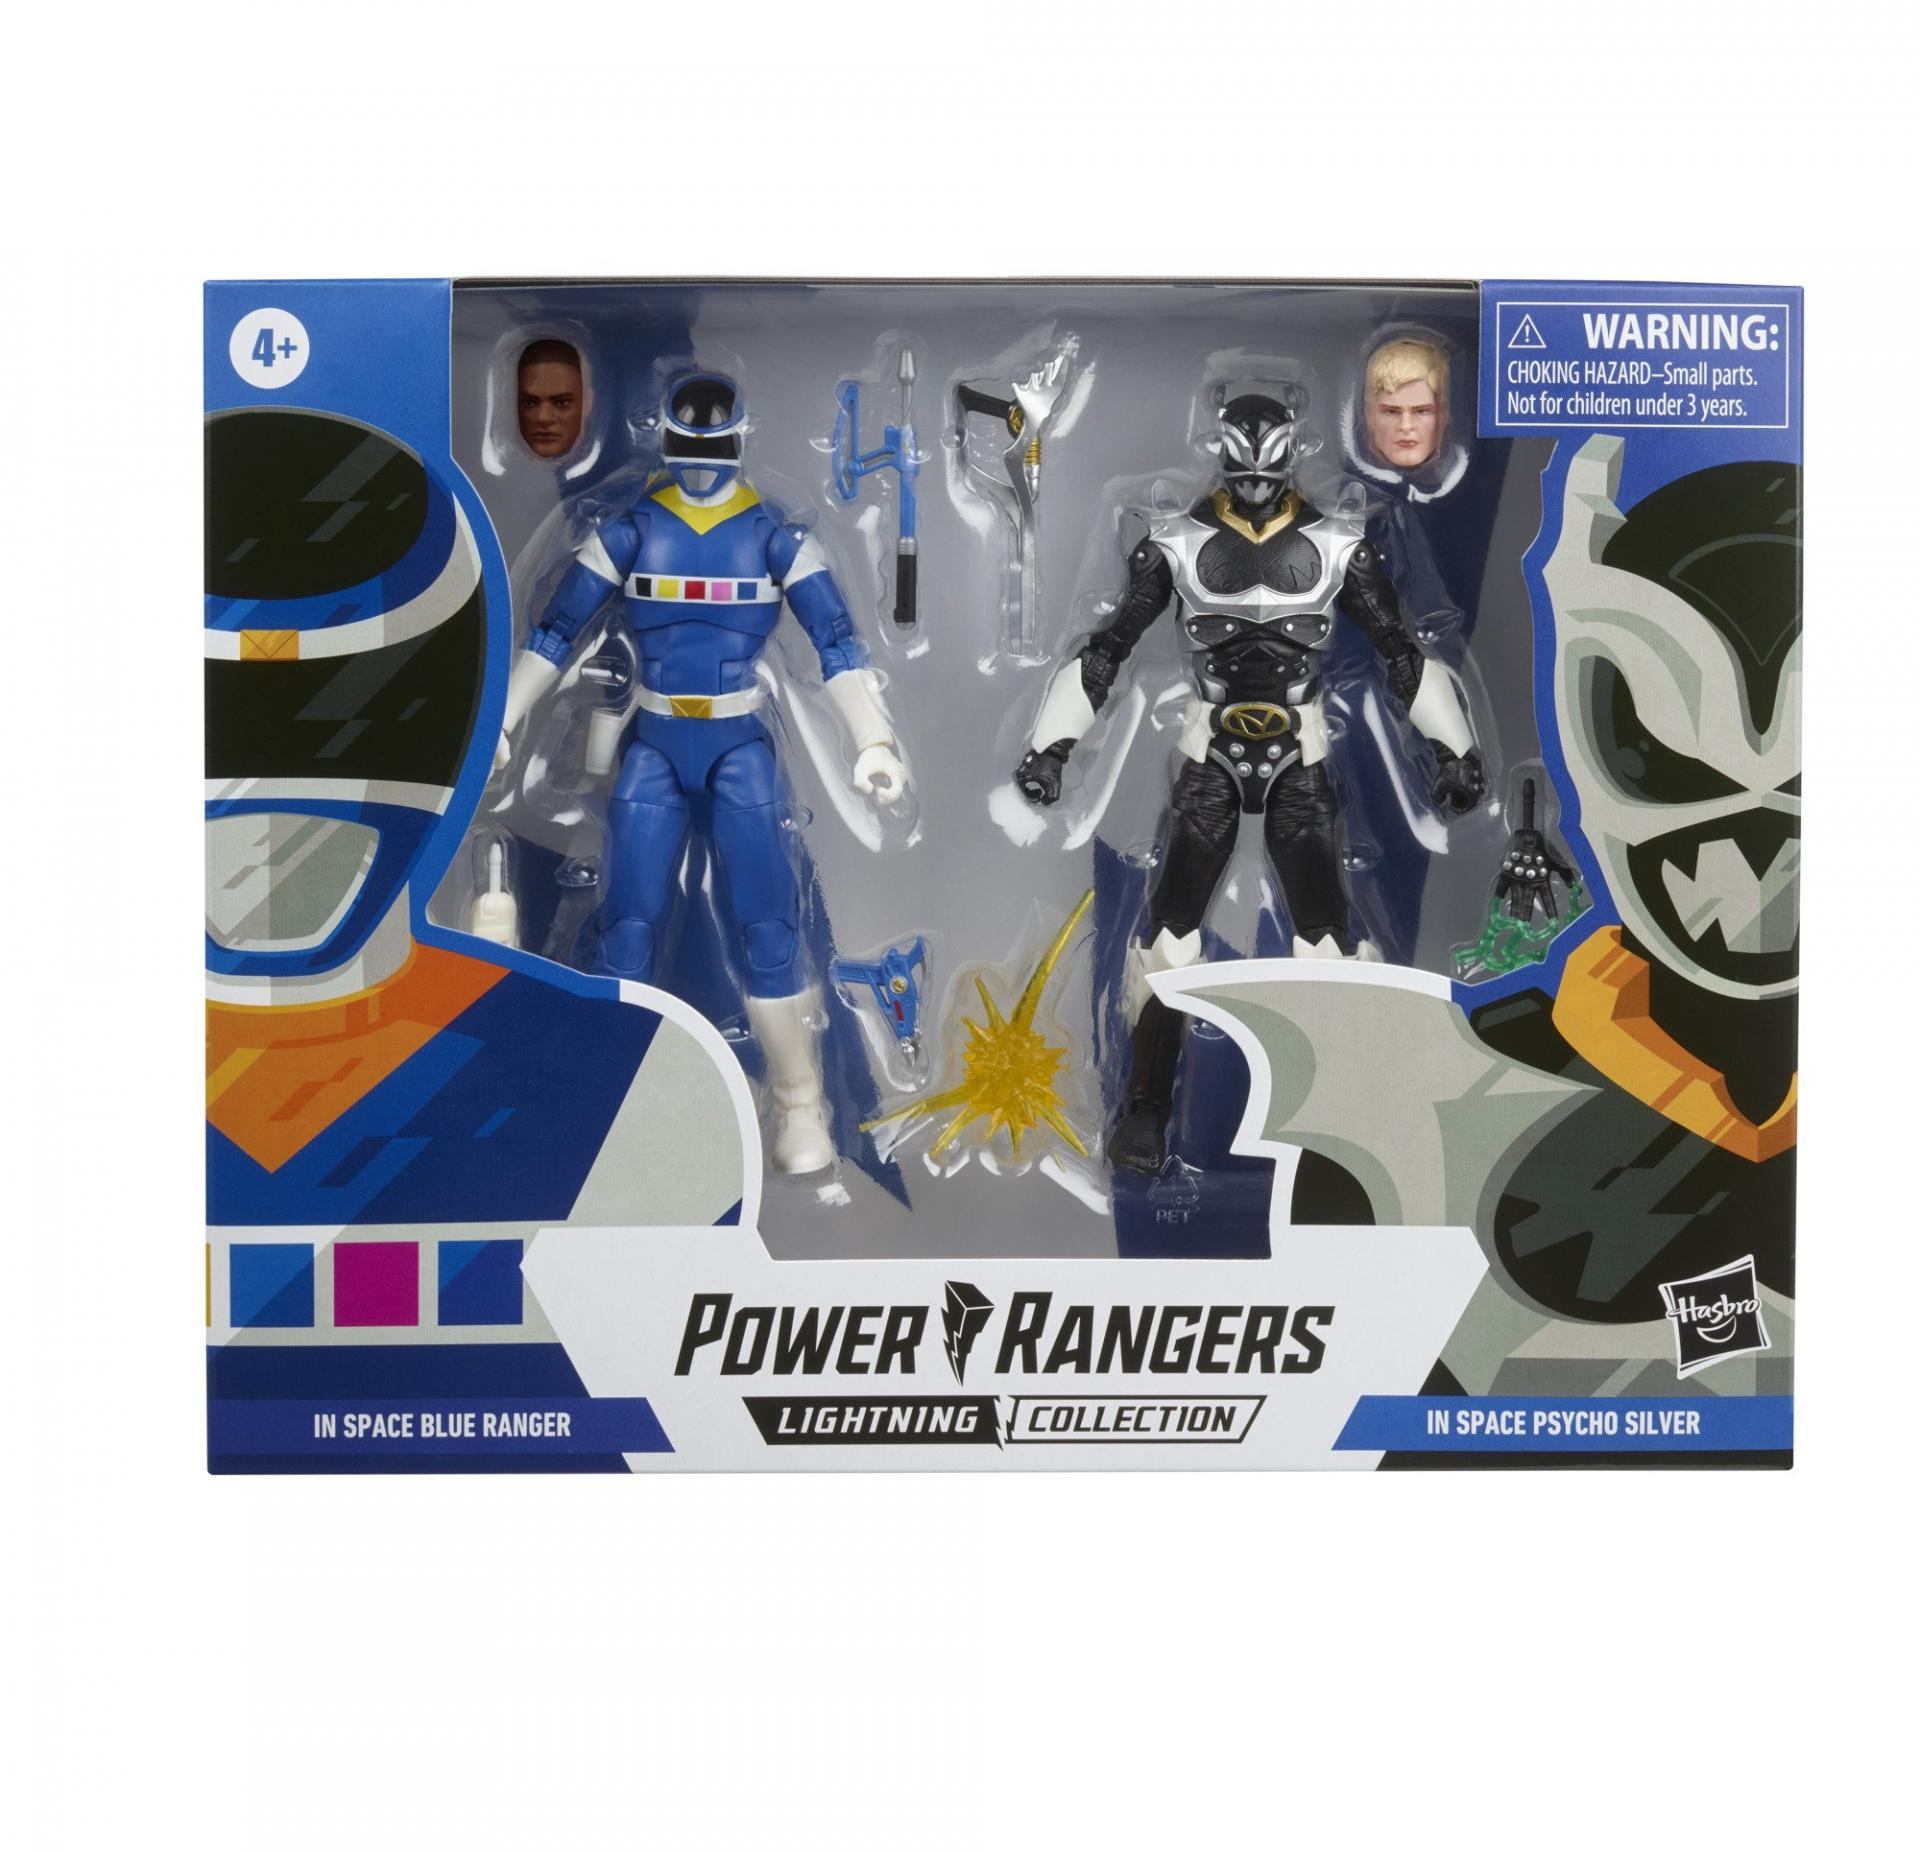 Power rangers lightning collection blue ranger vs silver psycho ranger 15cm